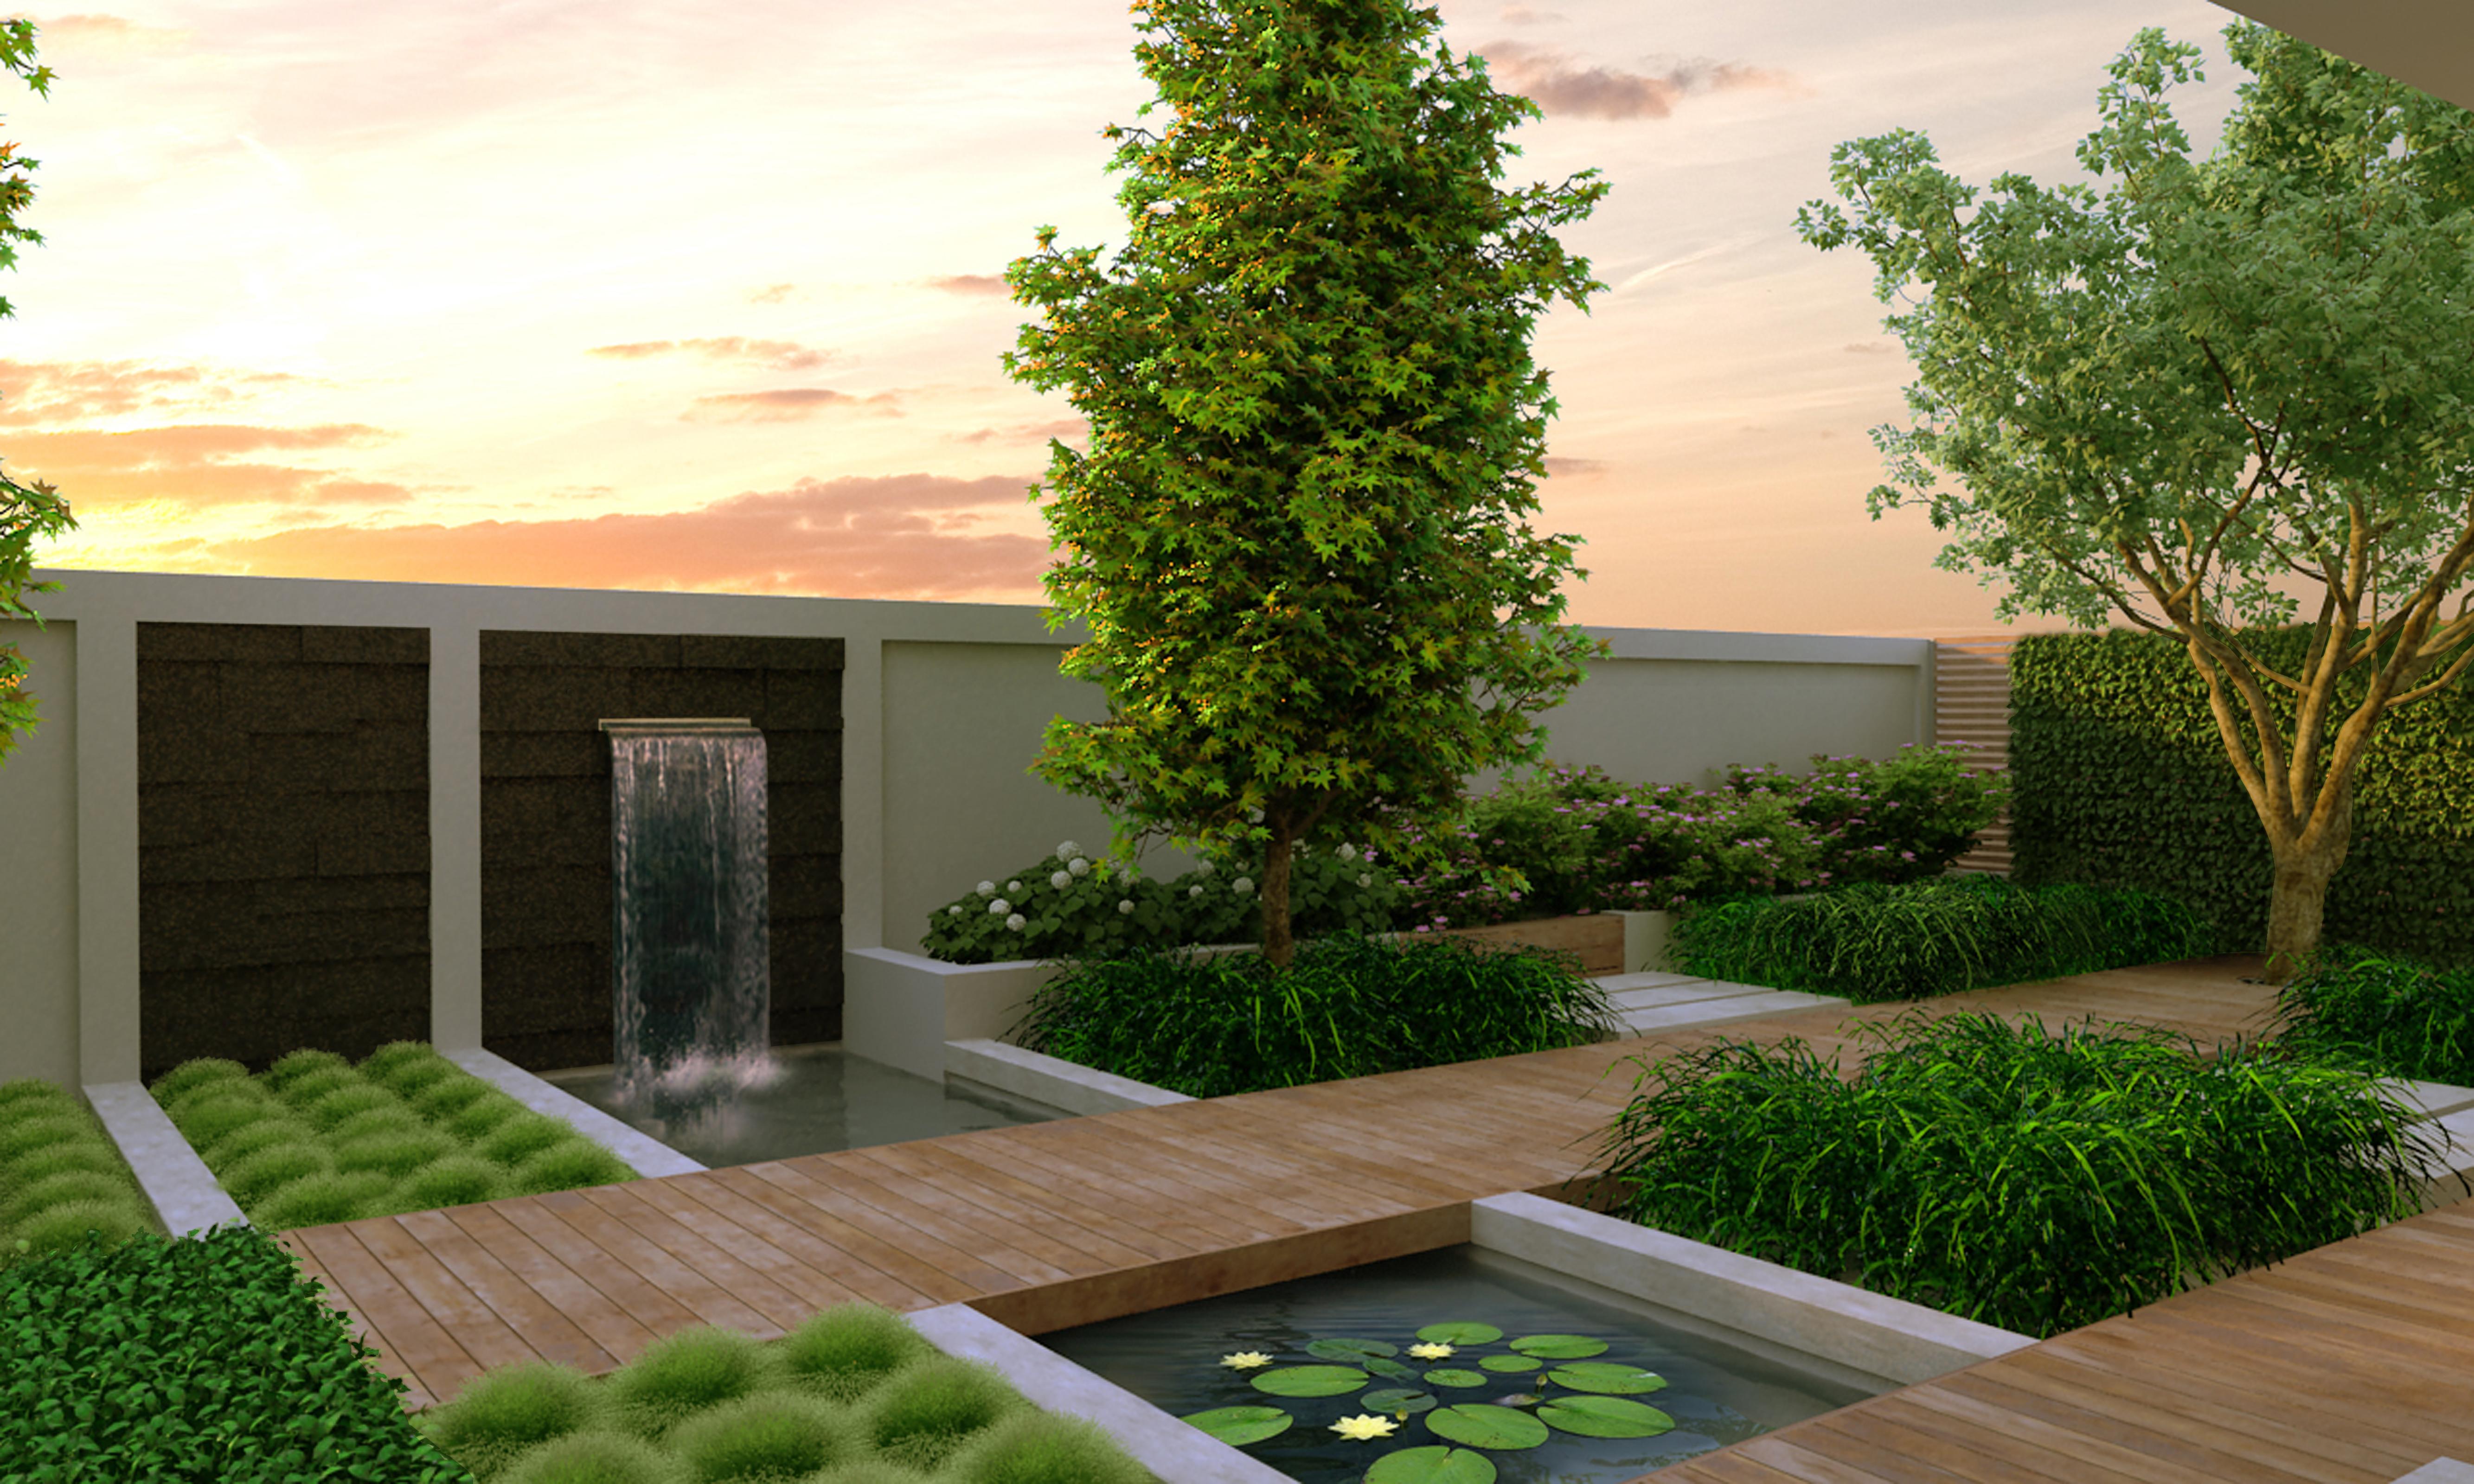 Tipy jak si vytvo it zahradu modern ho vzhledu asn for Garden idea et 700